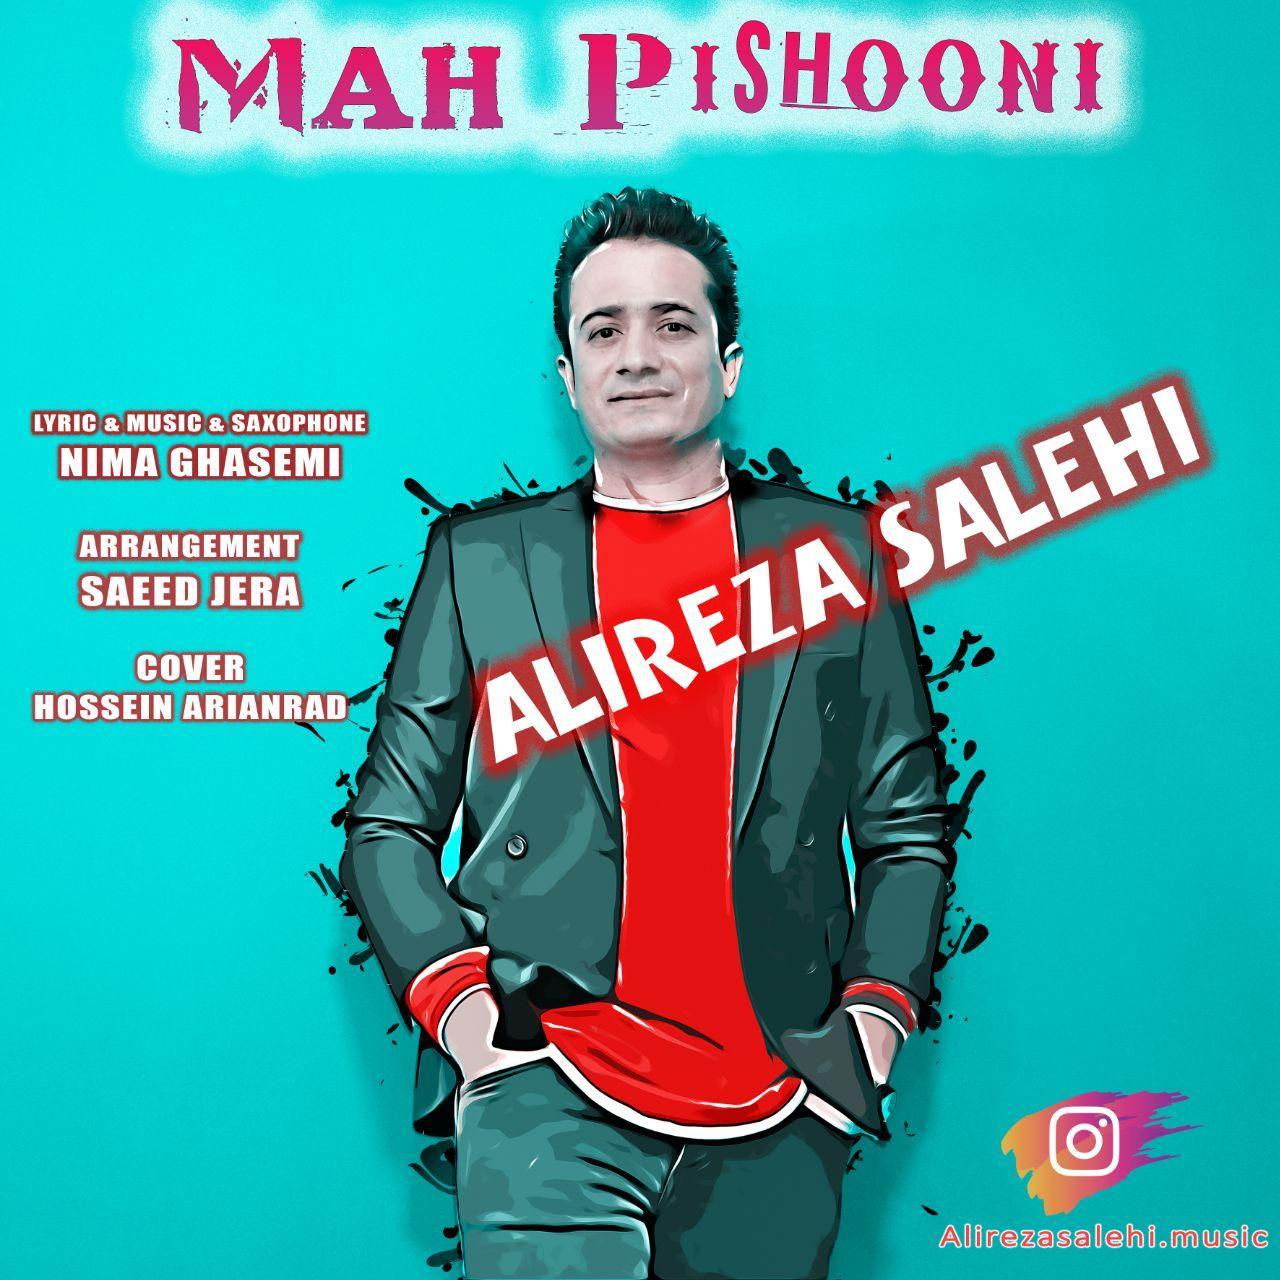 Alireza Salehi – Mah Pishooni